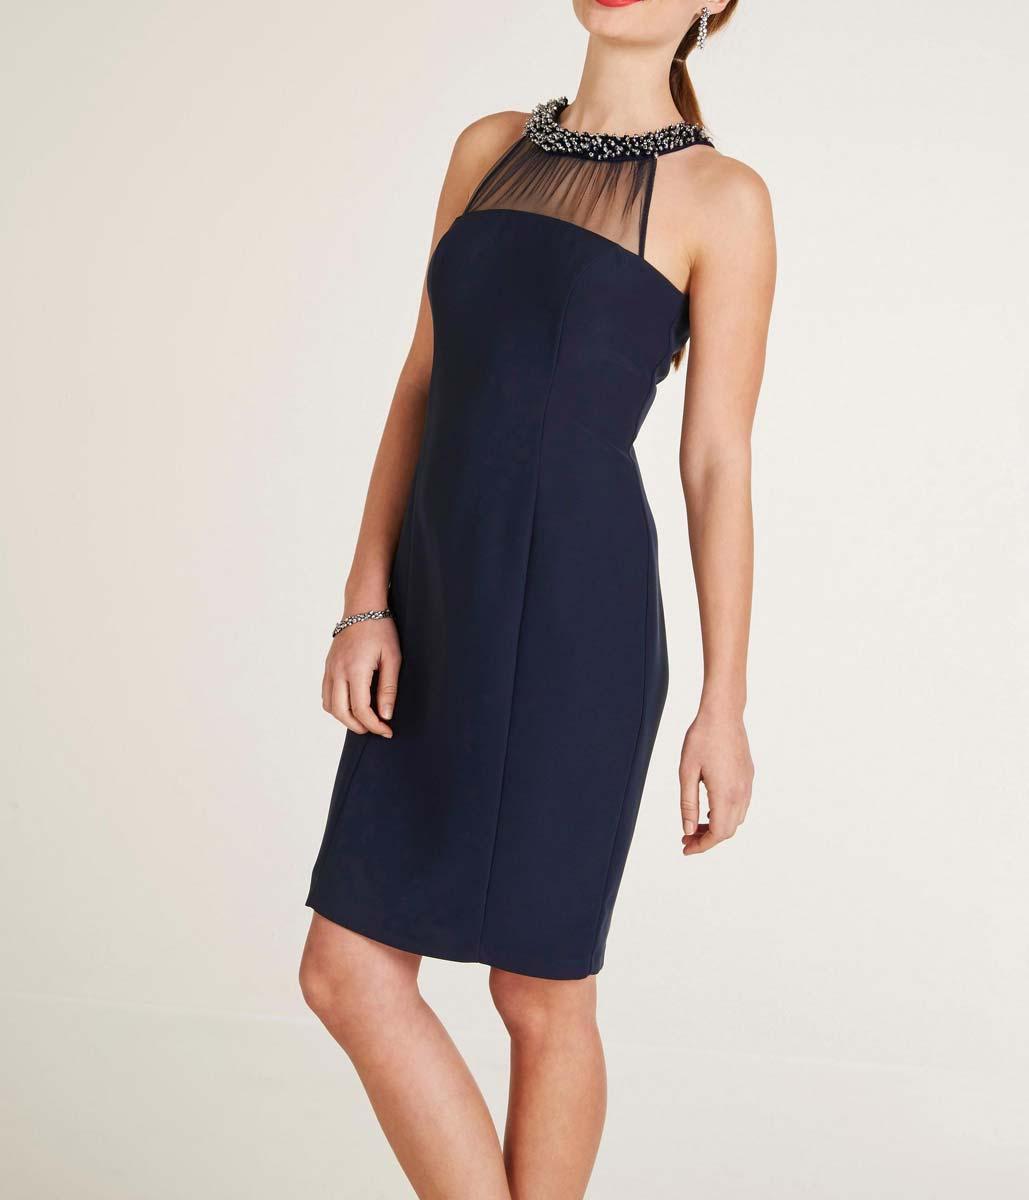 kurzes kleid für besondere anlässe HEINE Damen Designer-Cocktailkleid m. Perlen Nachtblau 144.223 Missforty